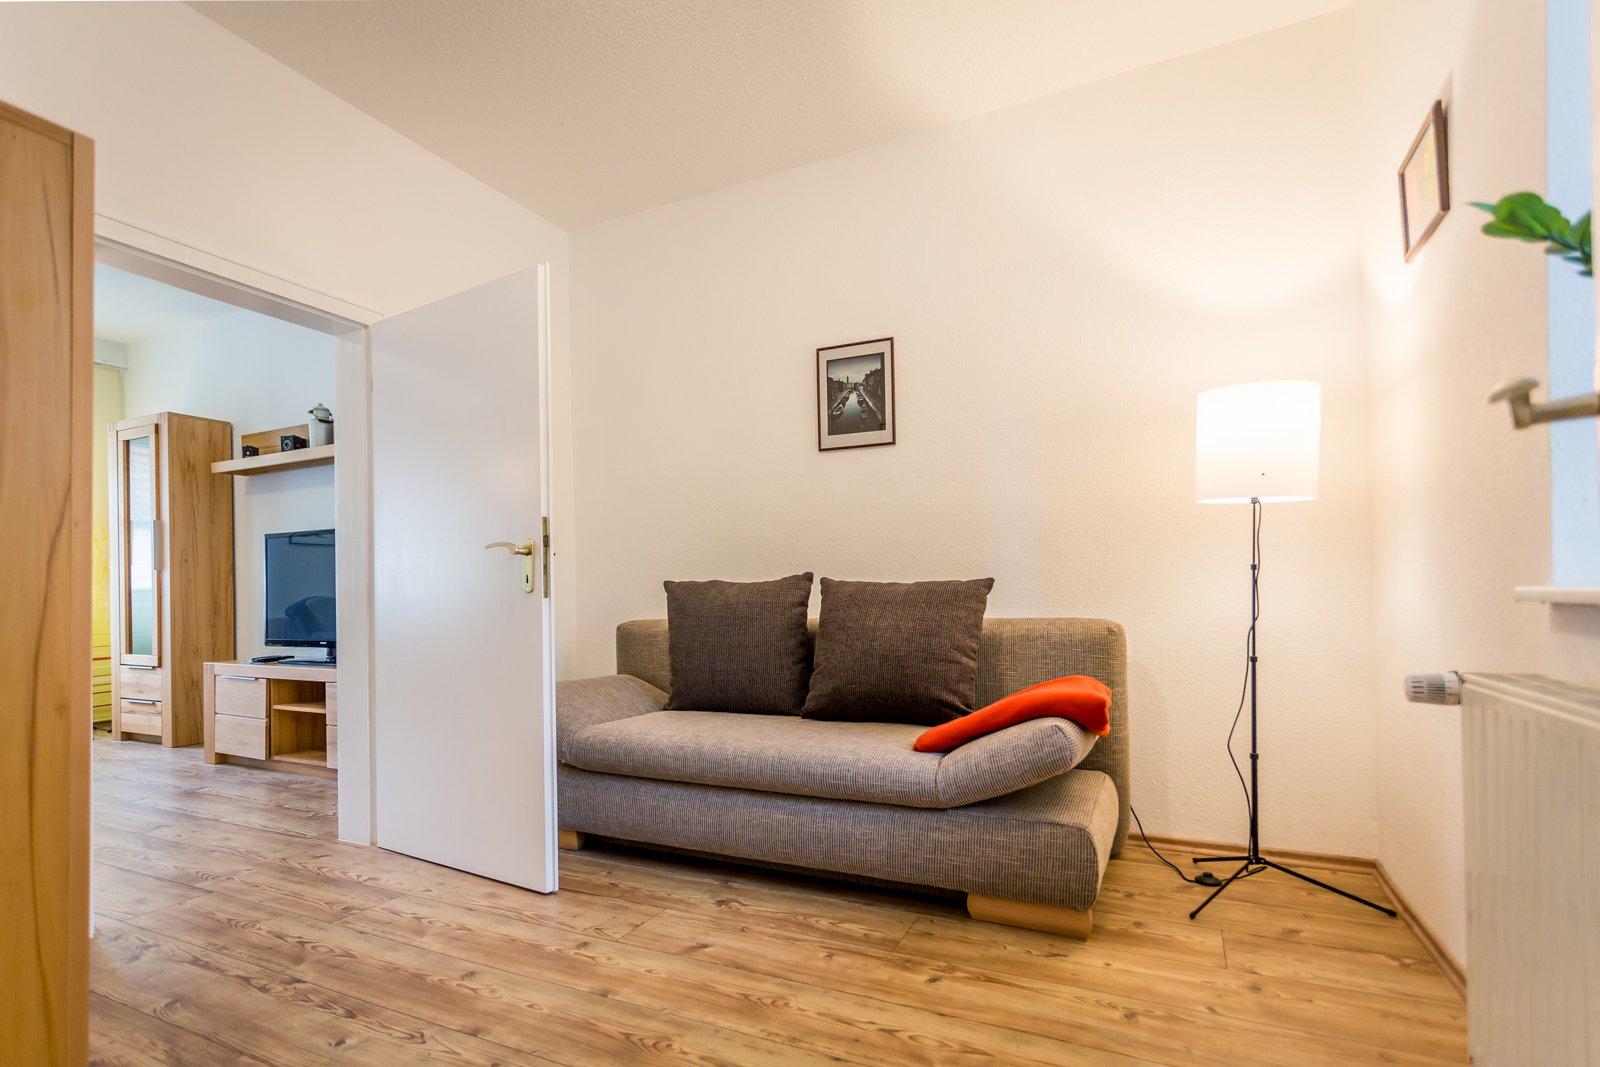 Graue Couch in hellem Raum mit gemütlichem Lich einer Stehlampe